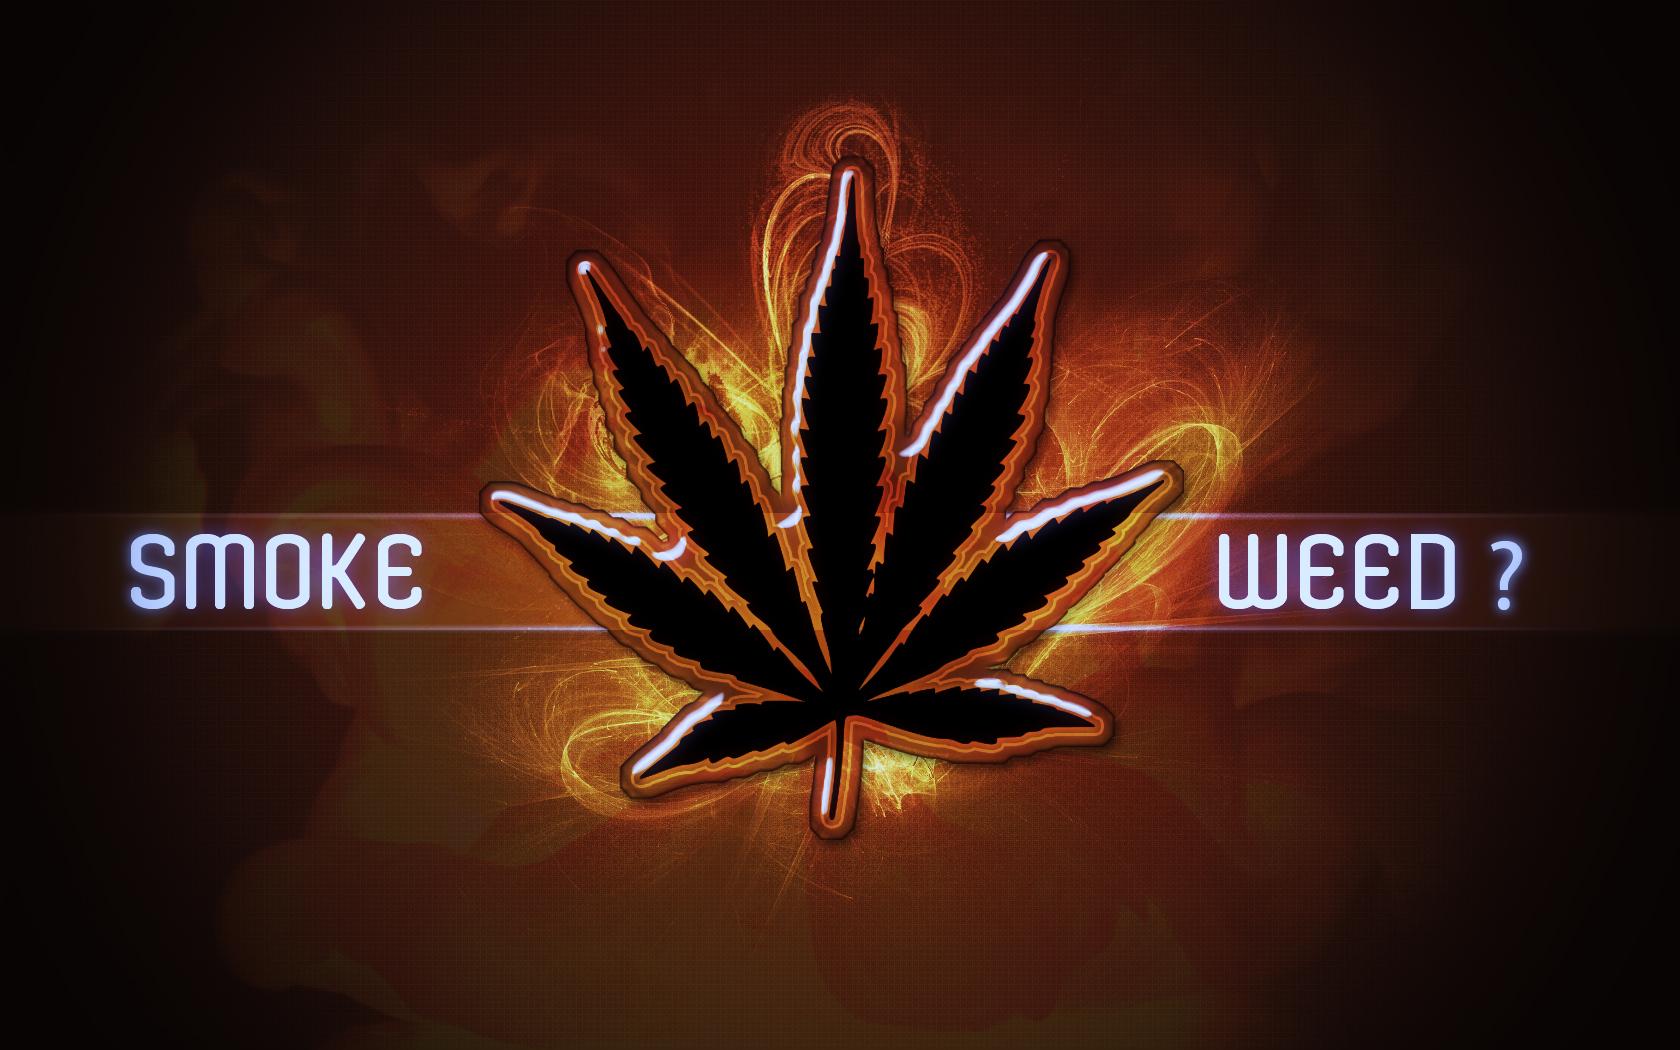 smoking weed wallpaper images